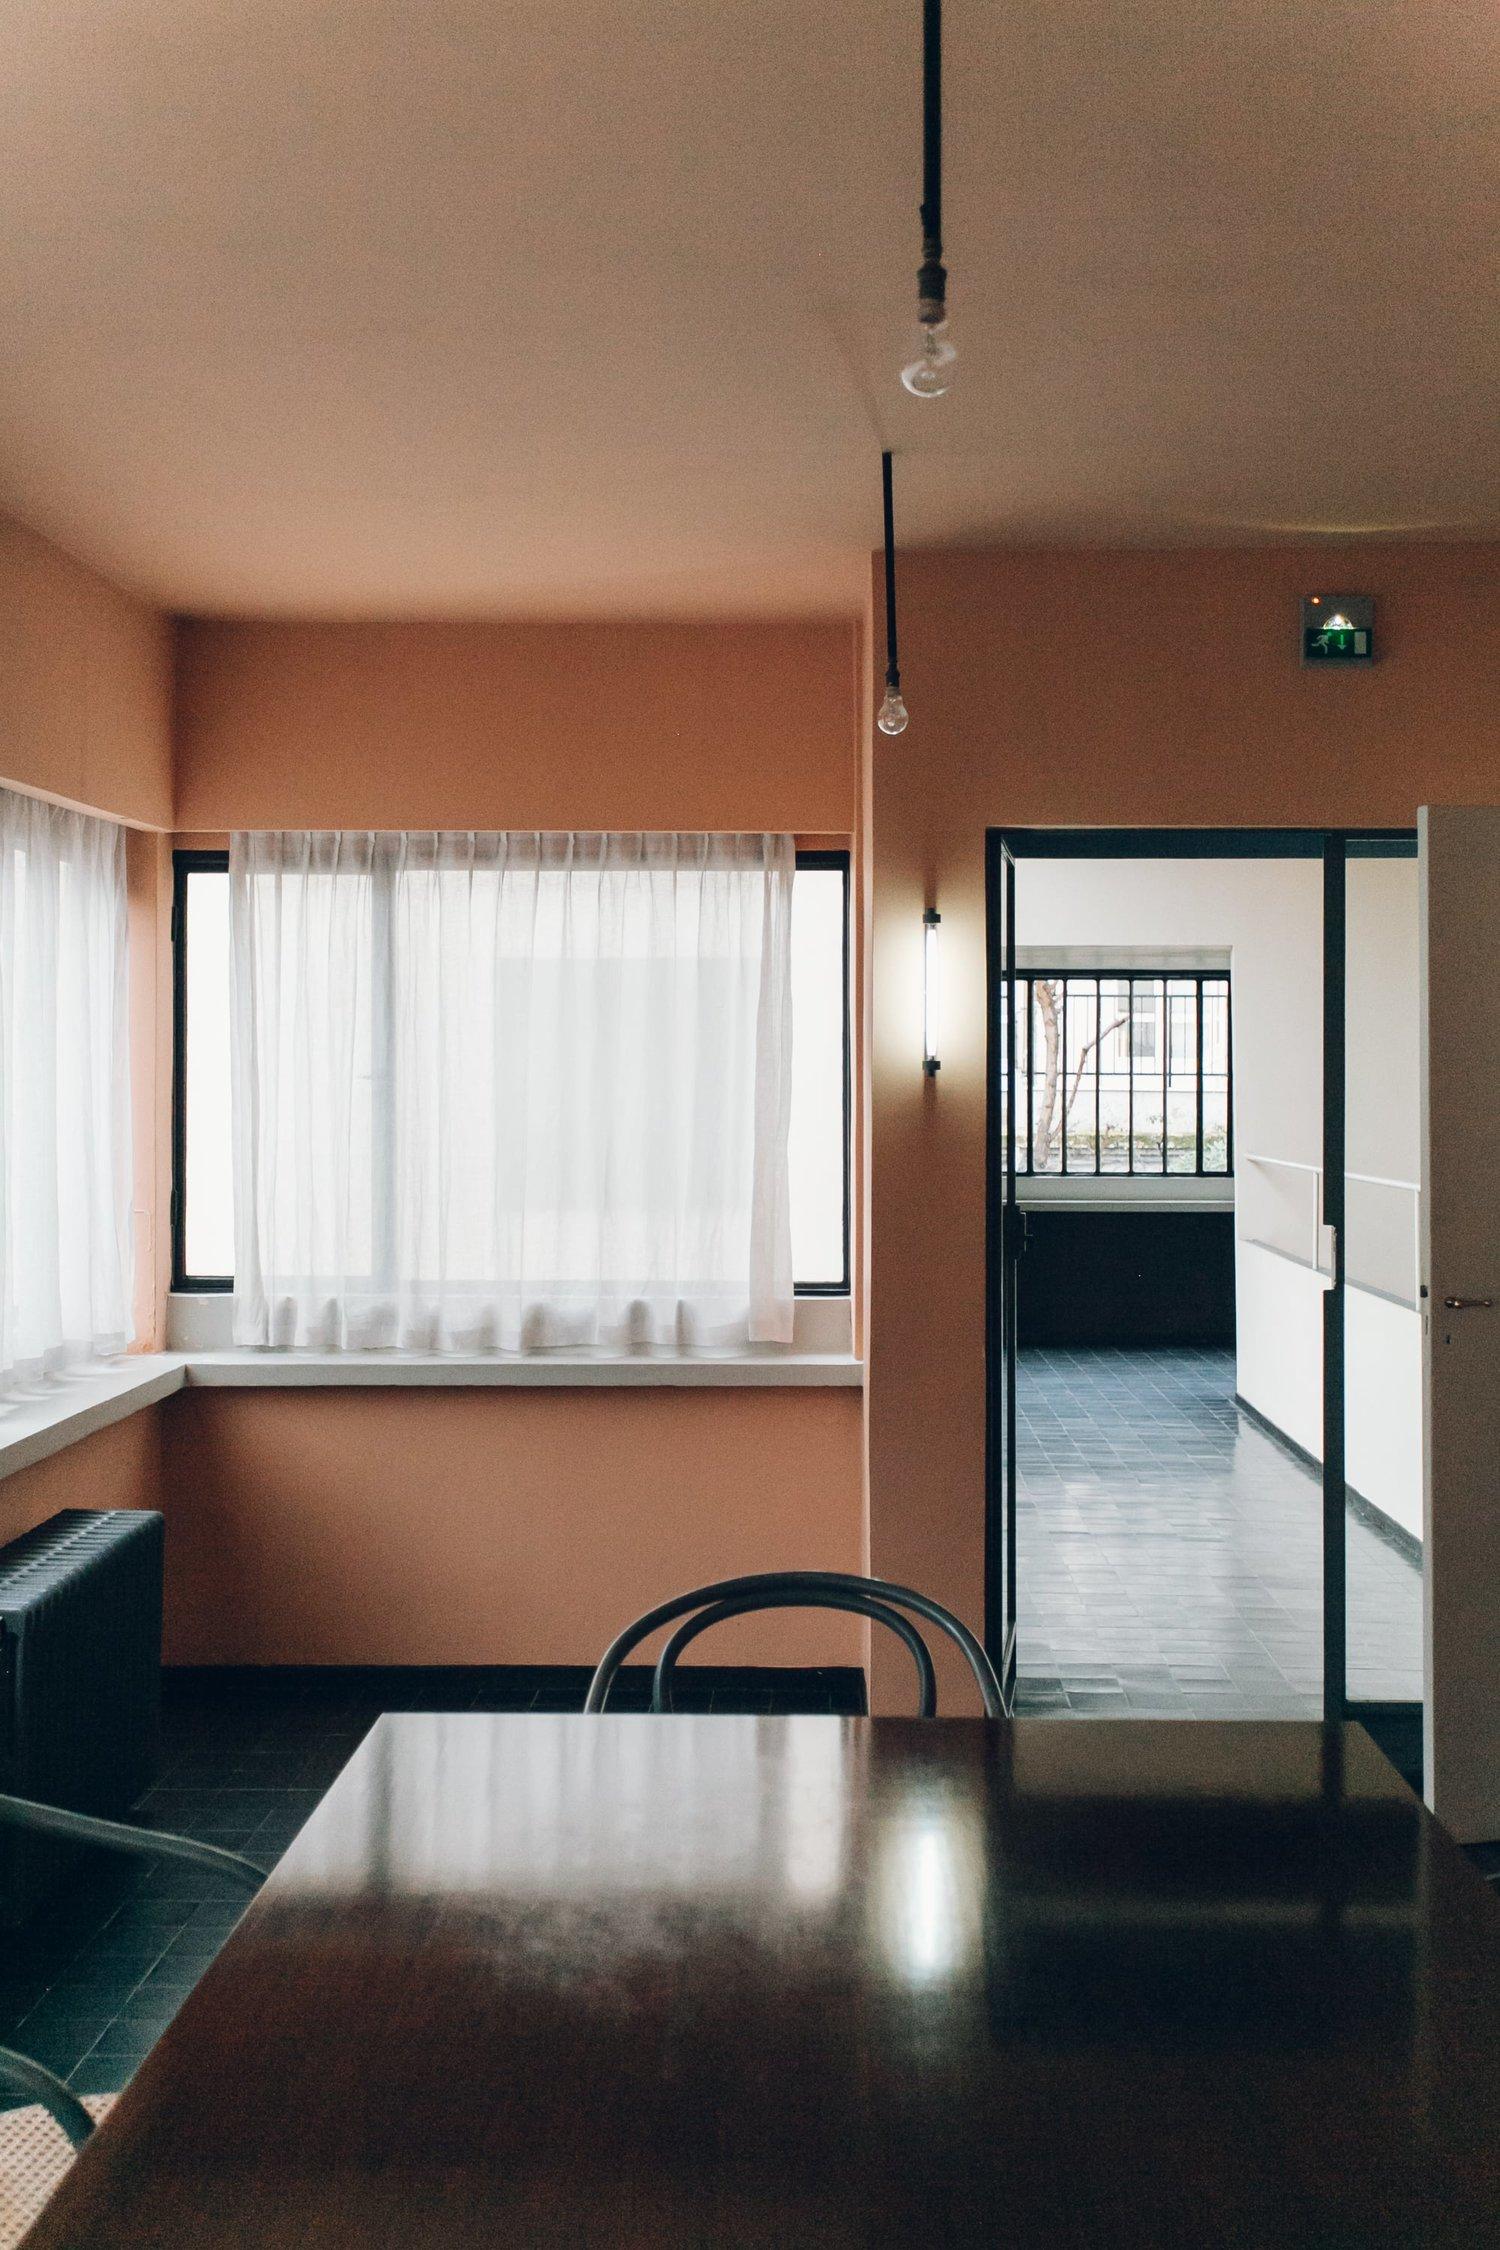 Maison La Roche Corbusier Paris maison la roche — le corbusier in paris — haarkon adventures